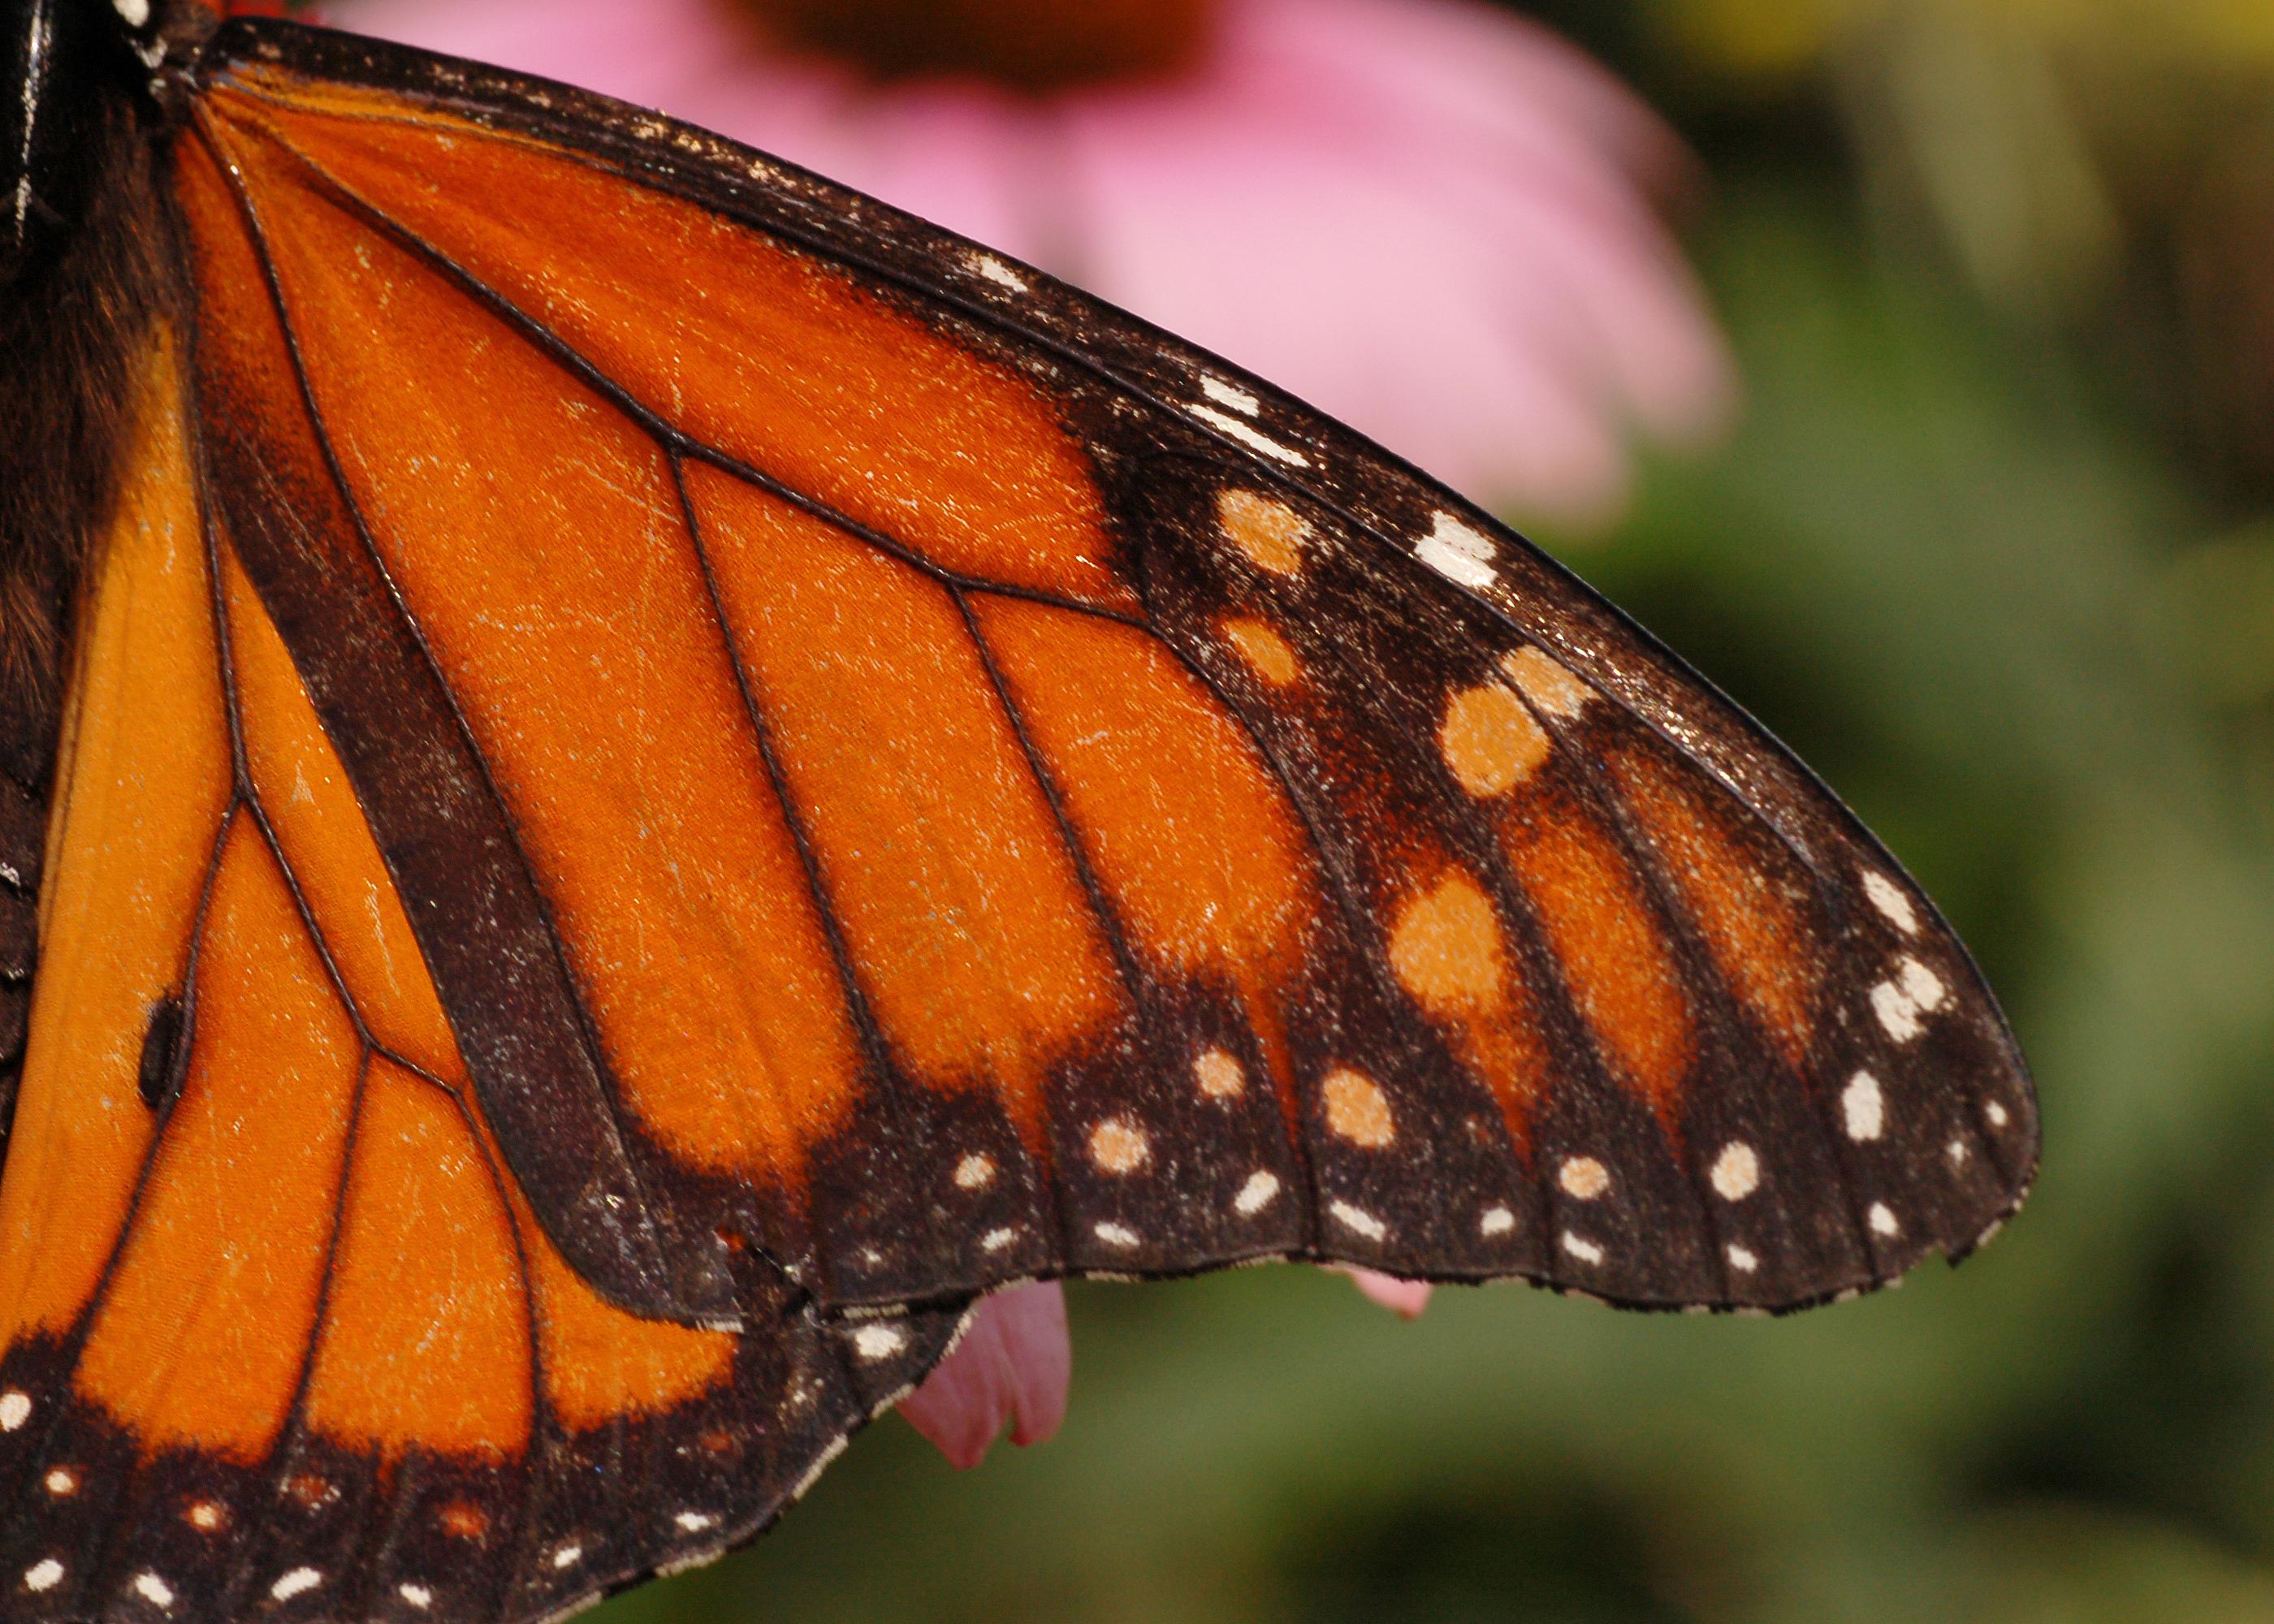 Monarch butterfly wings - photo#3